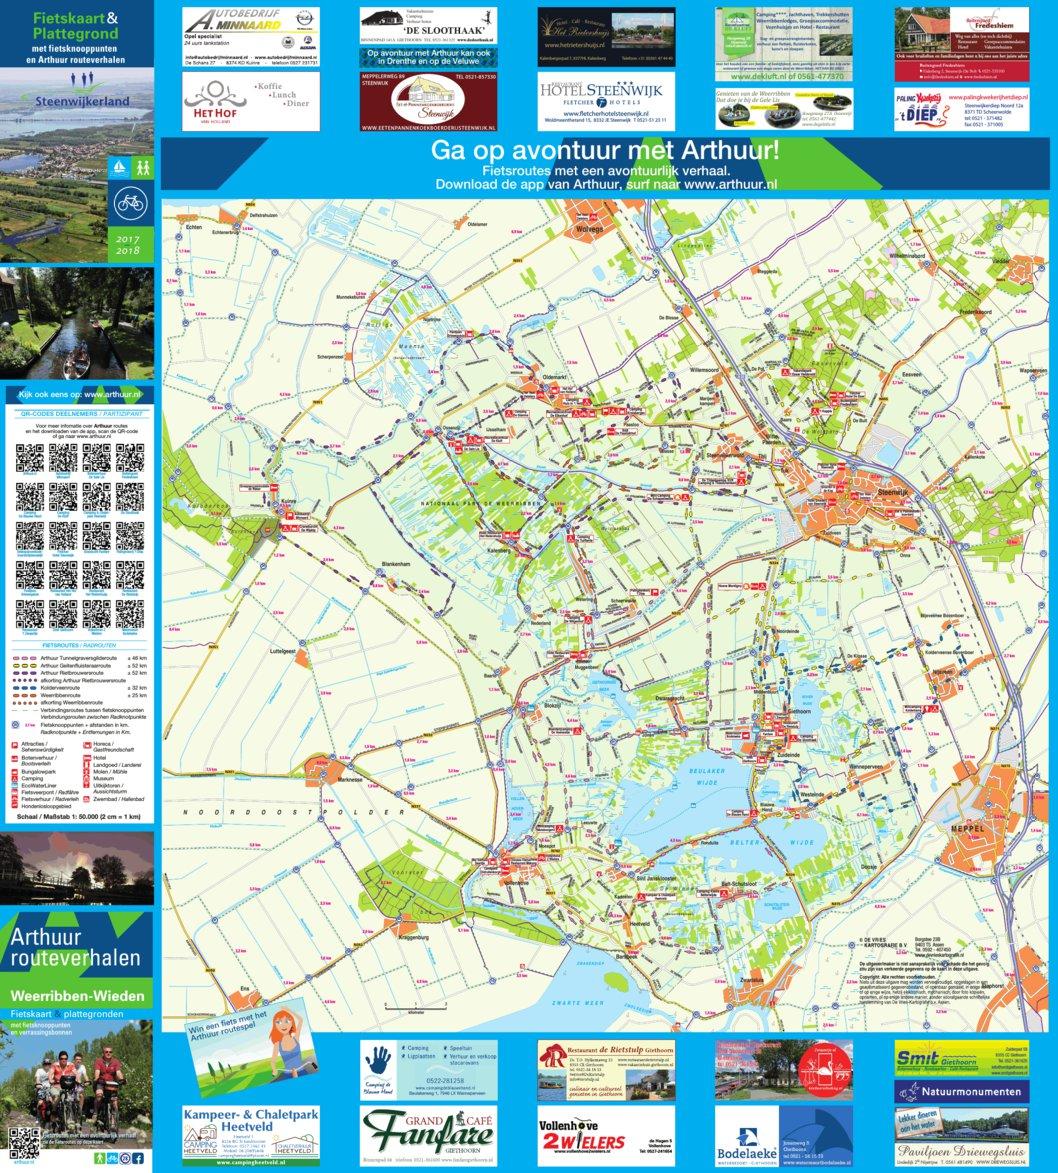 Arthuur fietsknooppuntenkaart Giethoorn Weerribben-Wieden 2017 geo